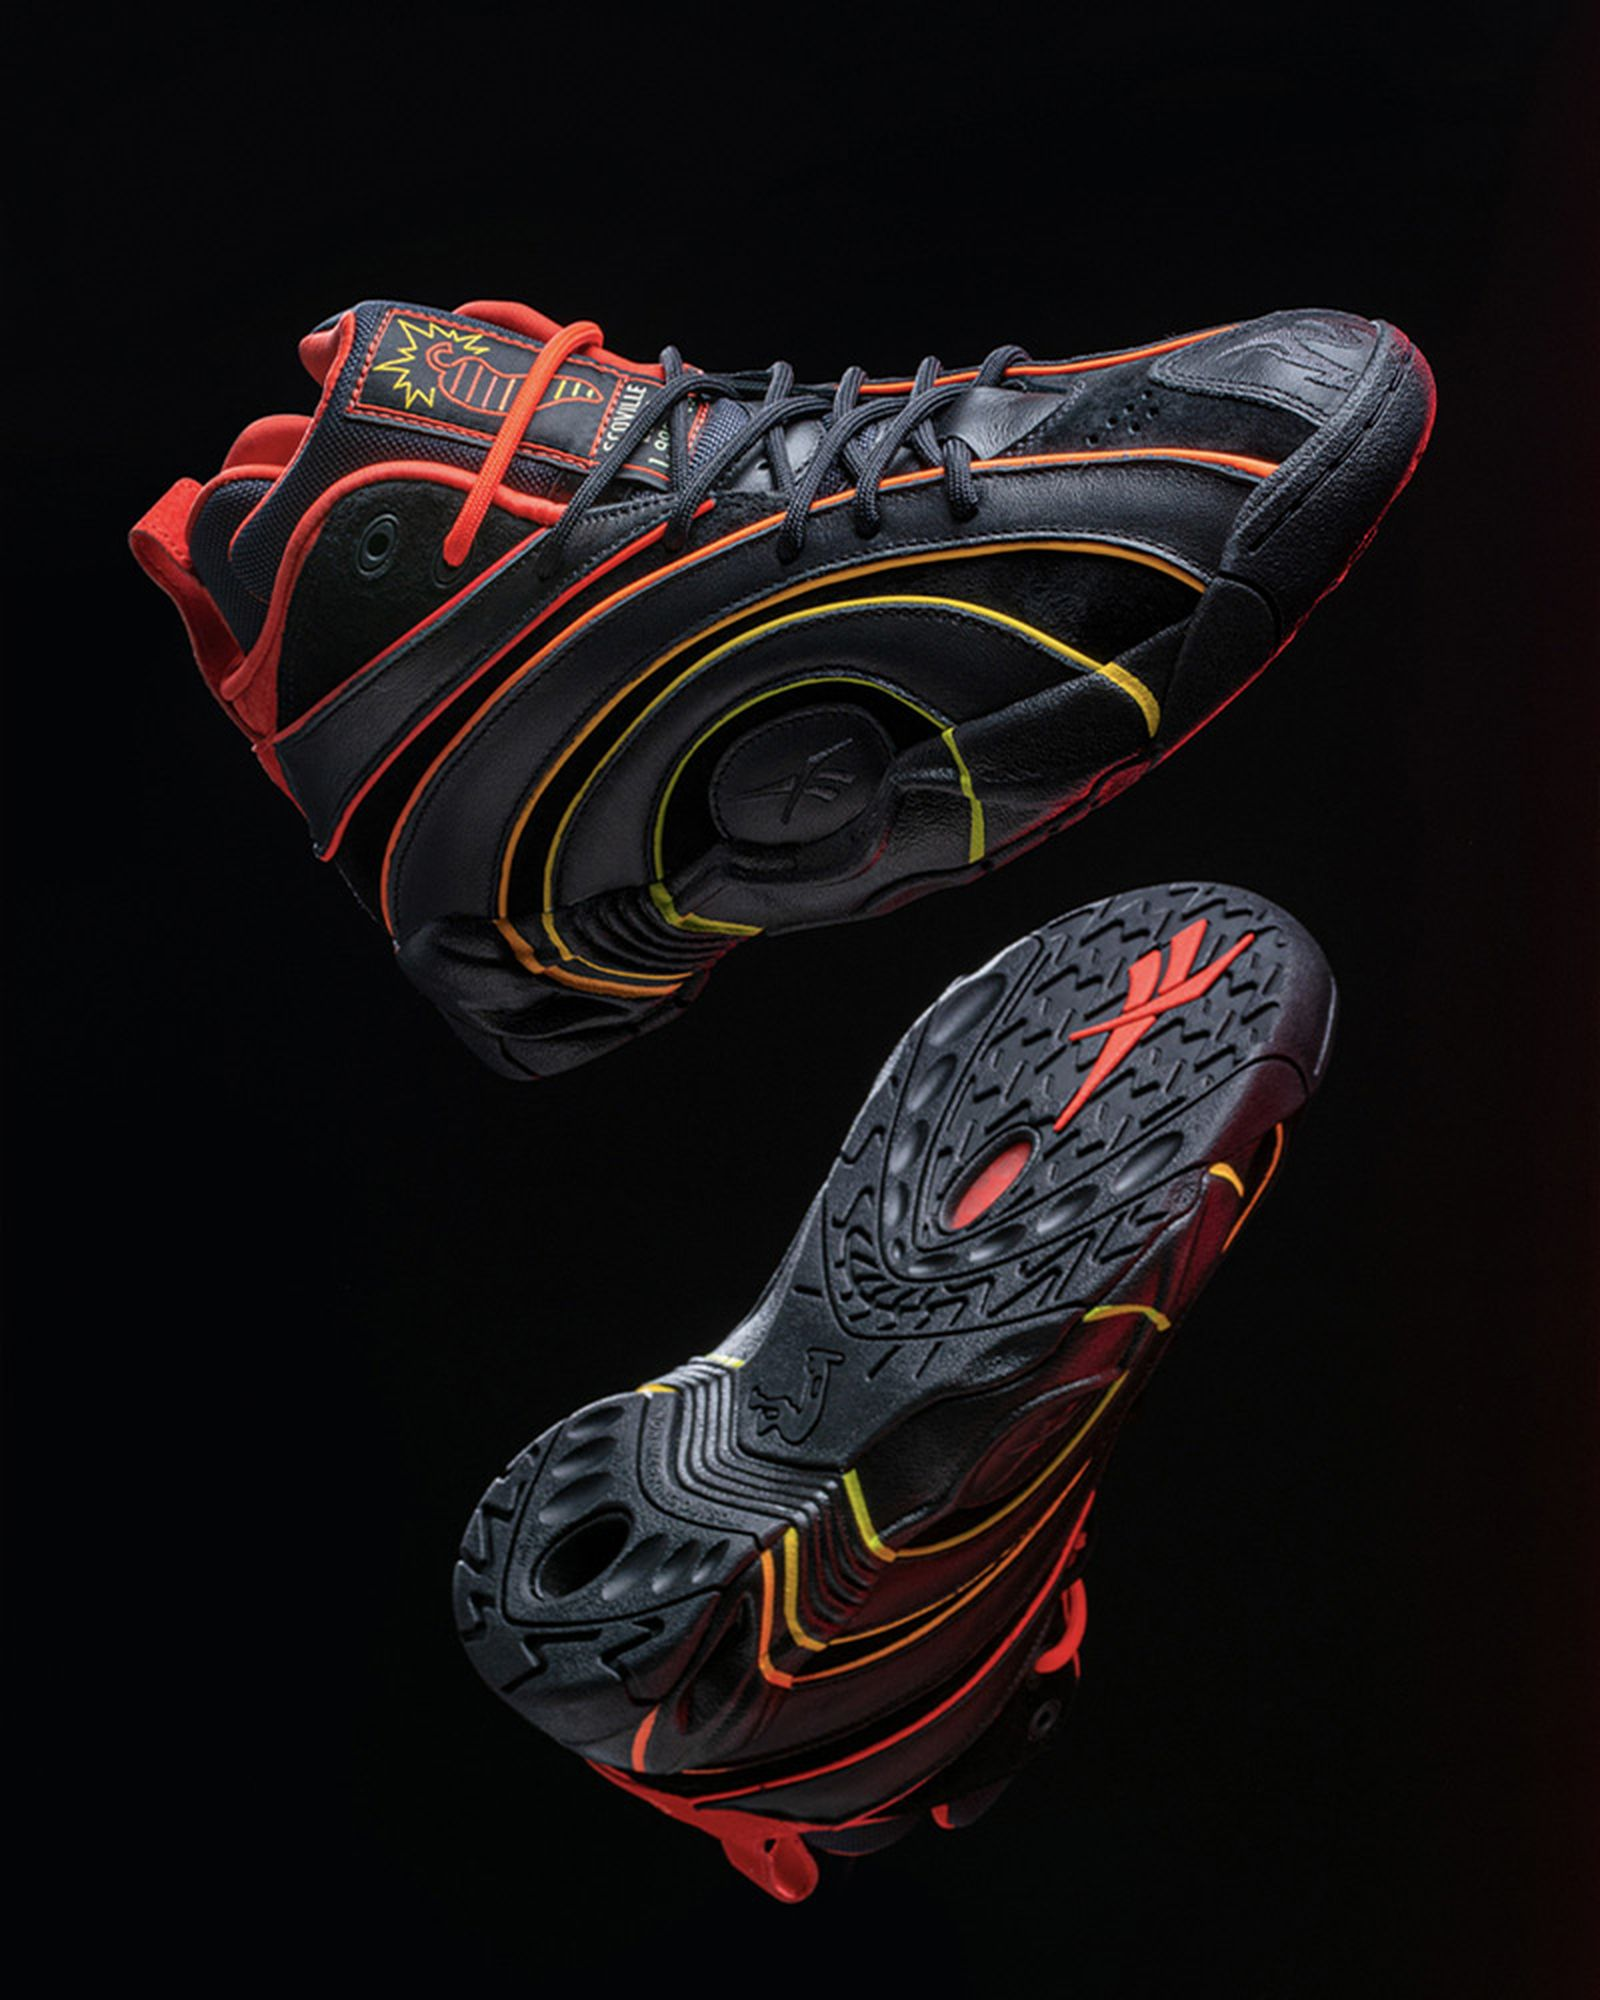 hot-ones-reebok-fw20-release-date-price-13